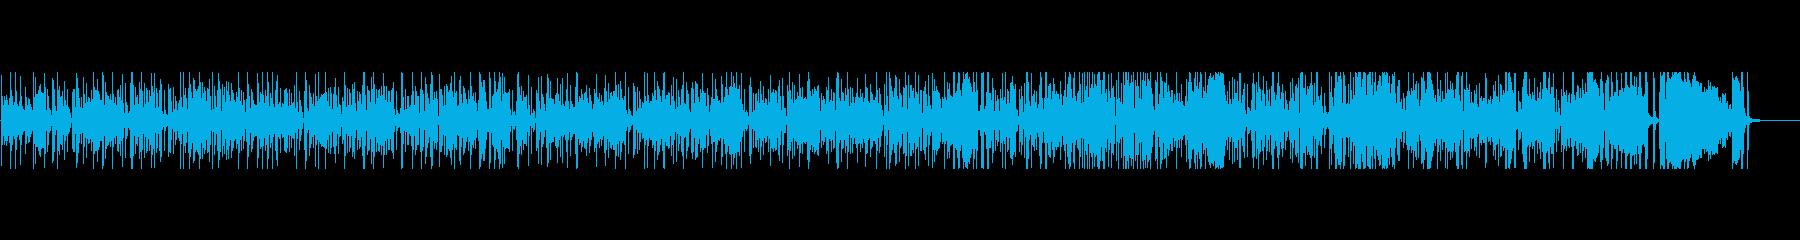 まったりしたBLUES_BGMの再生済みの波形